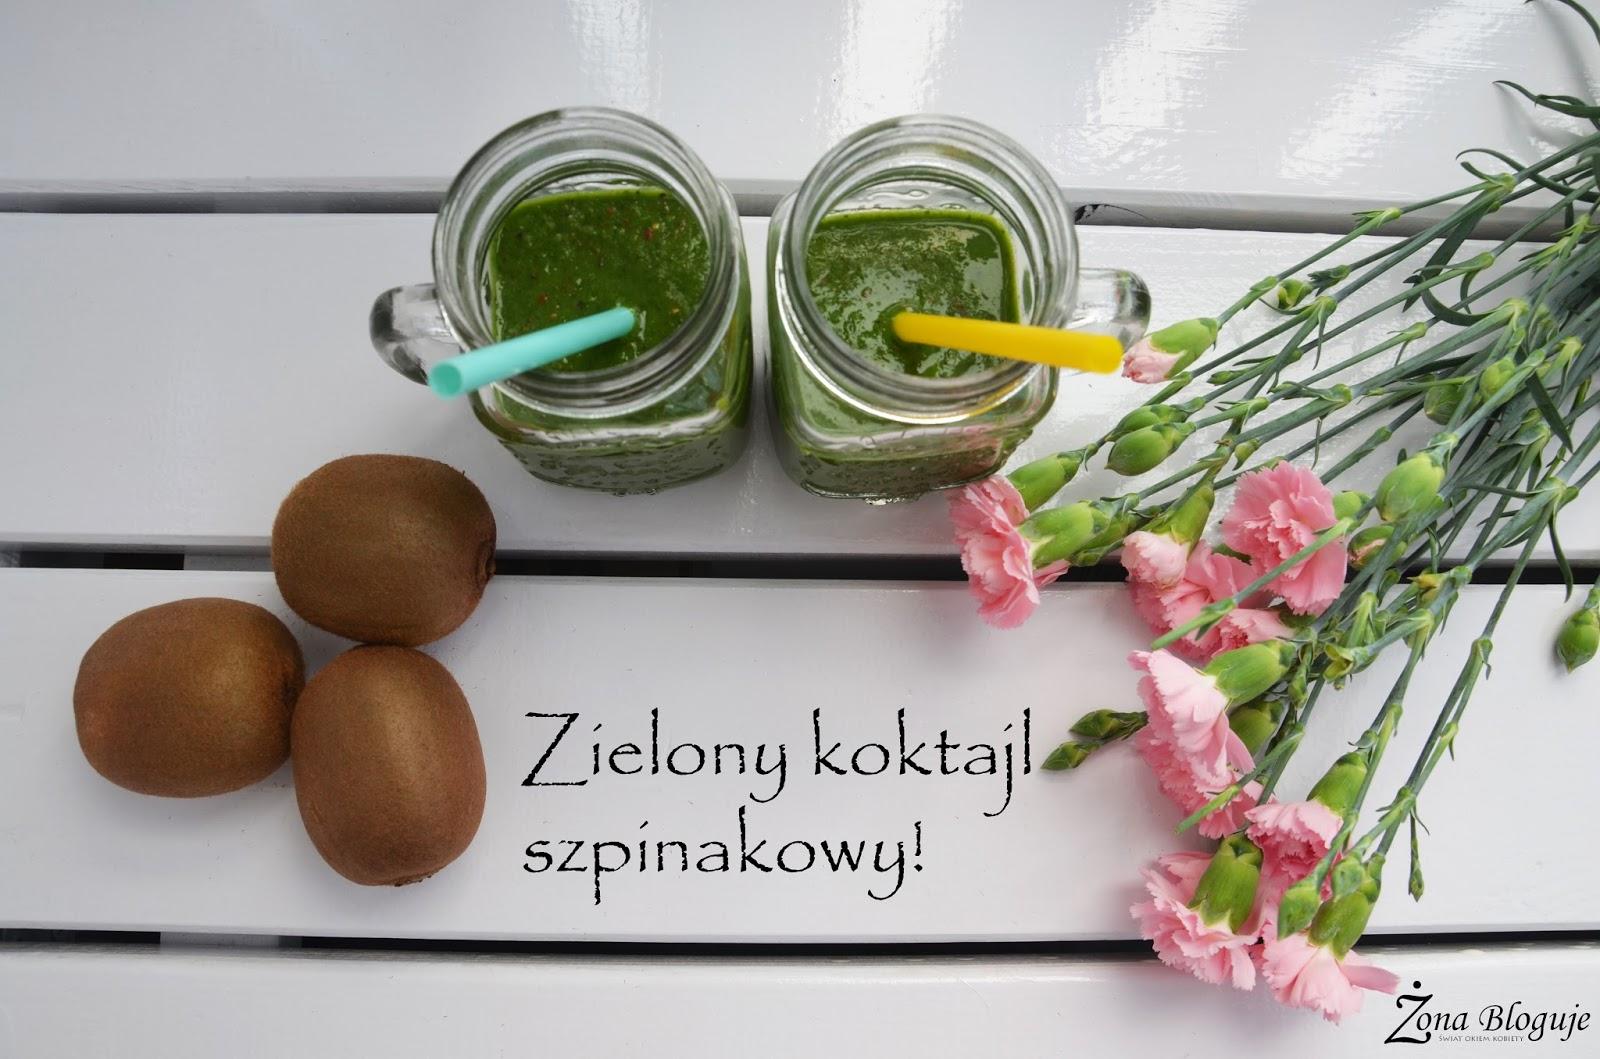 Zielony koktajl czyli smoothie szpinakowe!